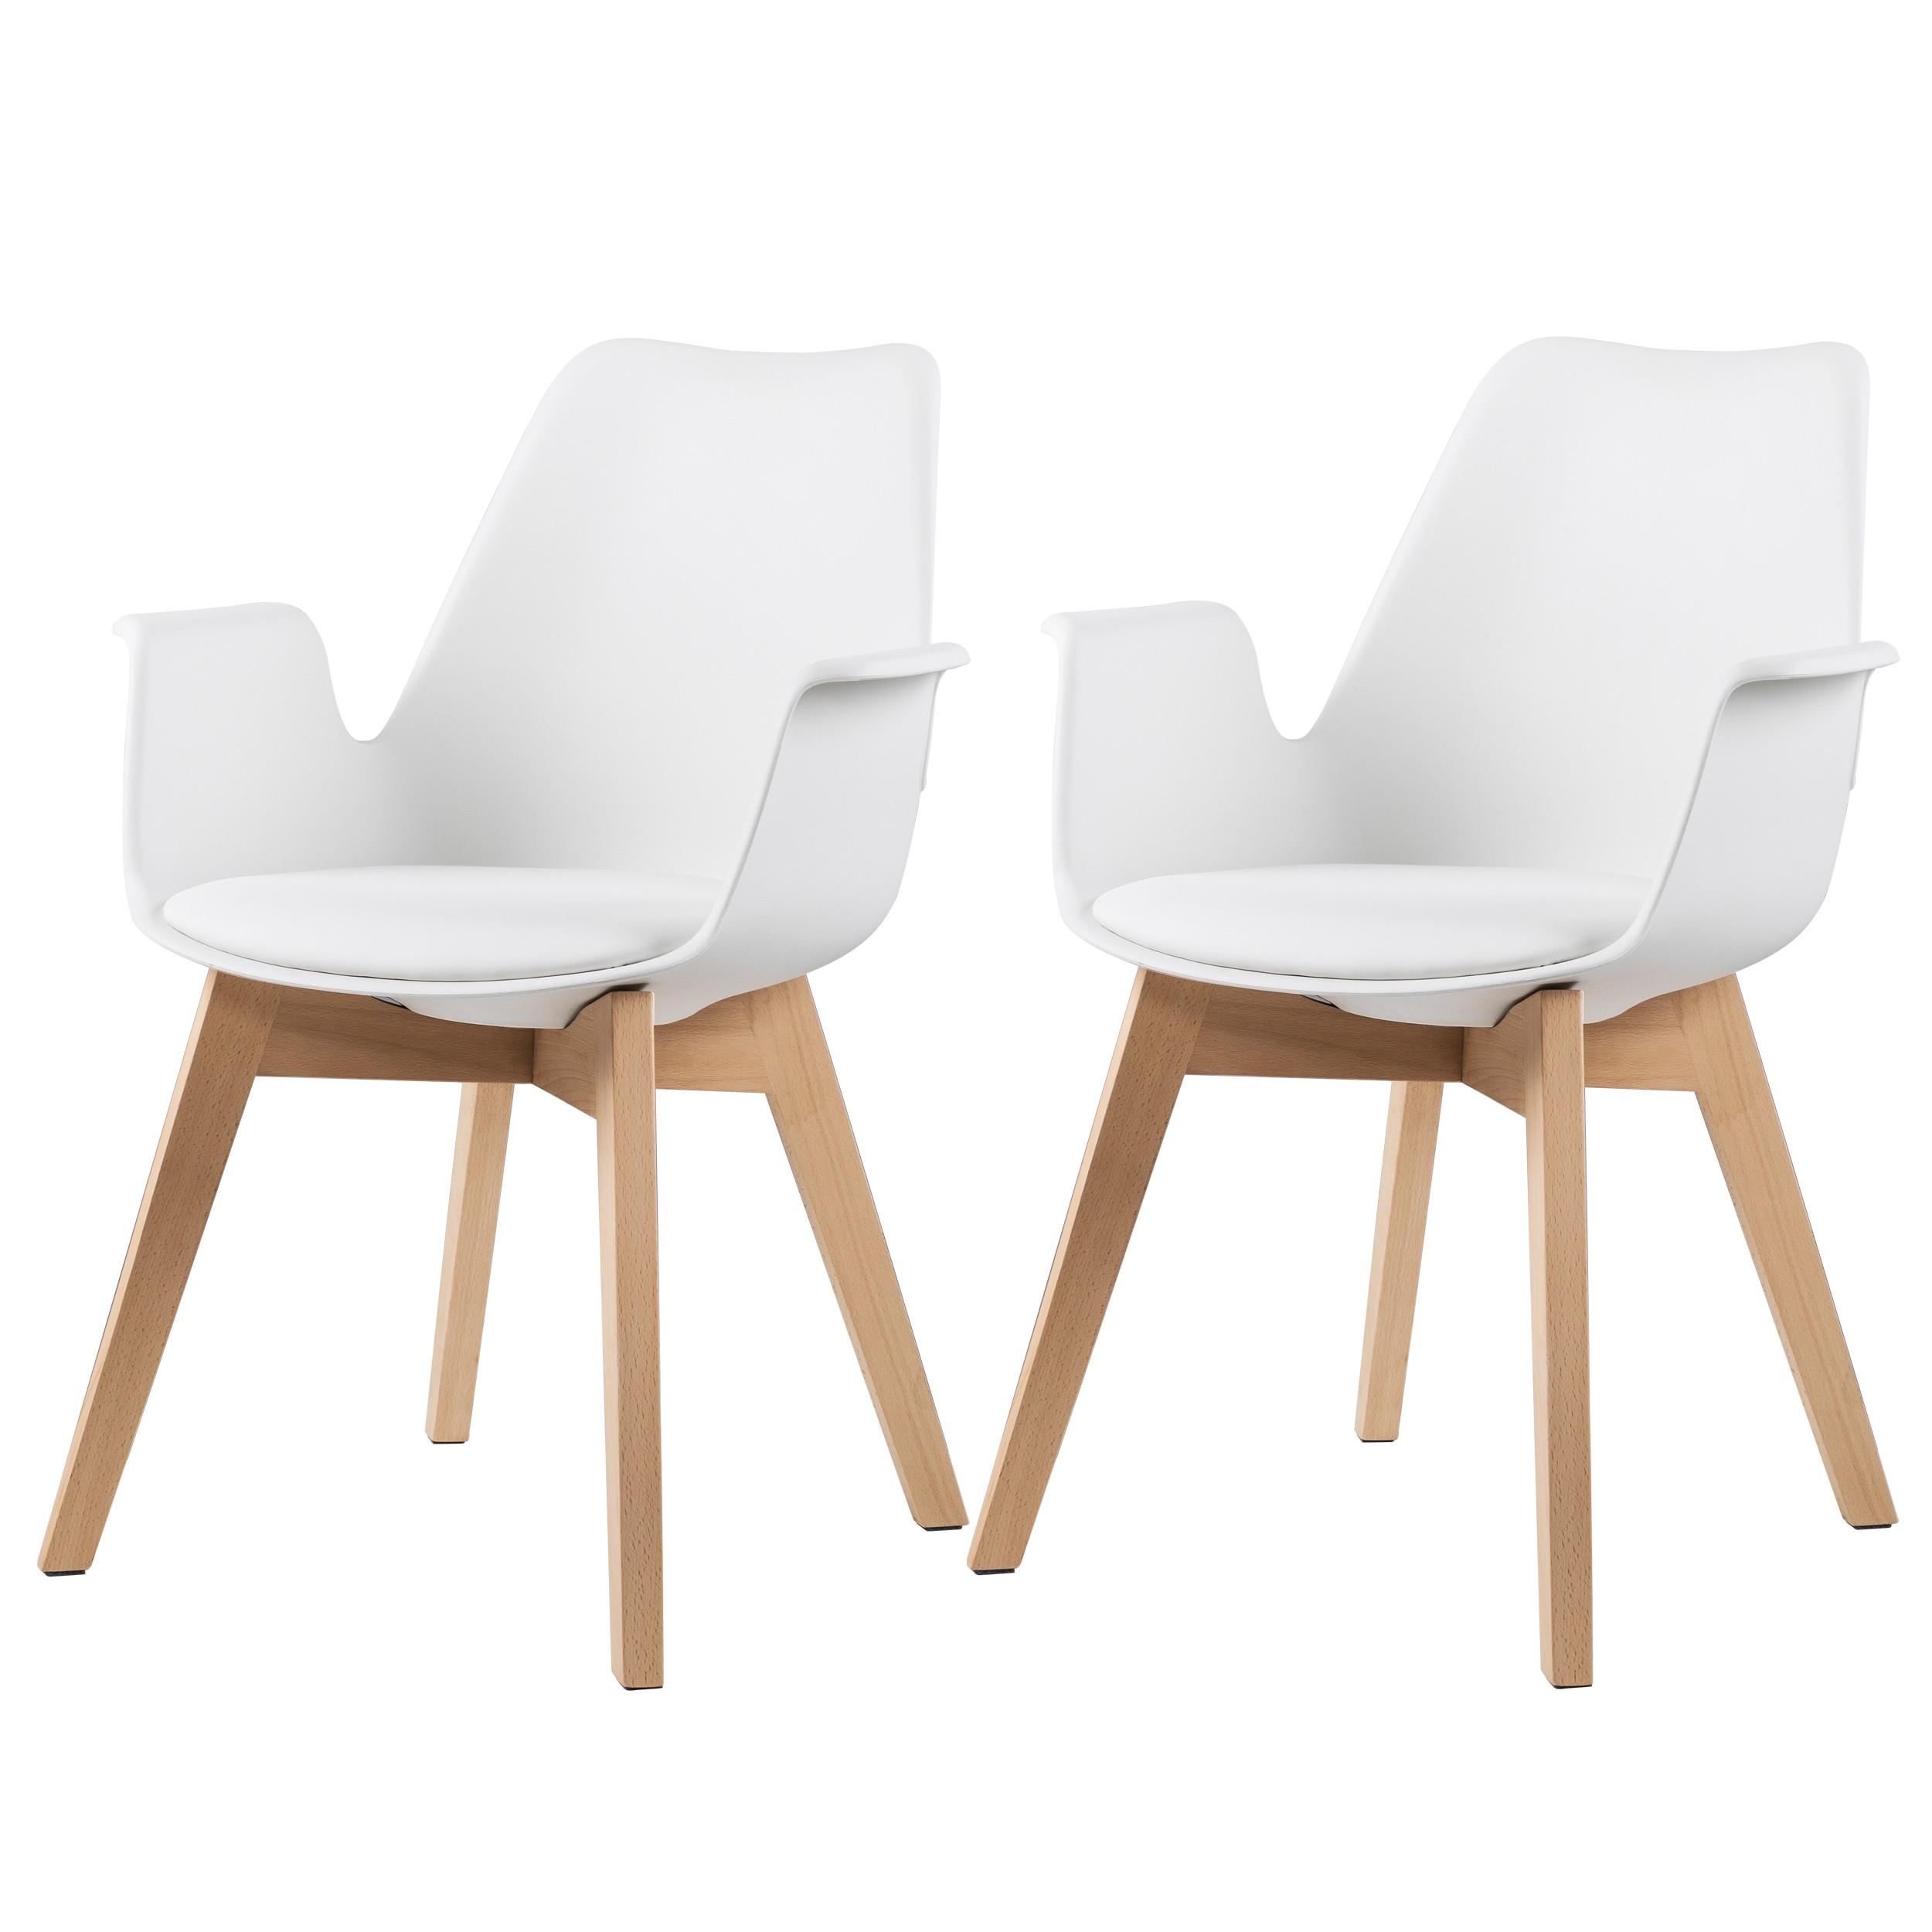 chaise nordique blanche lot de 2